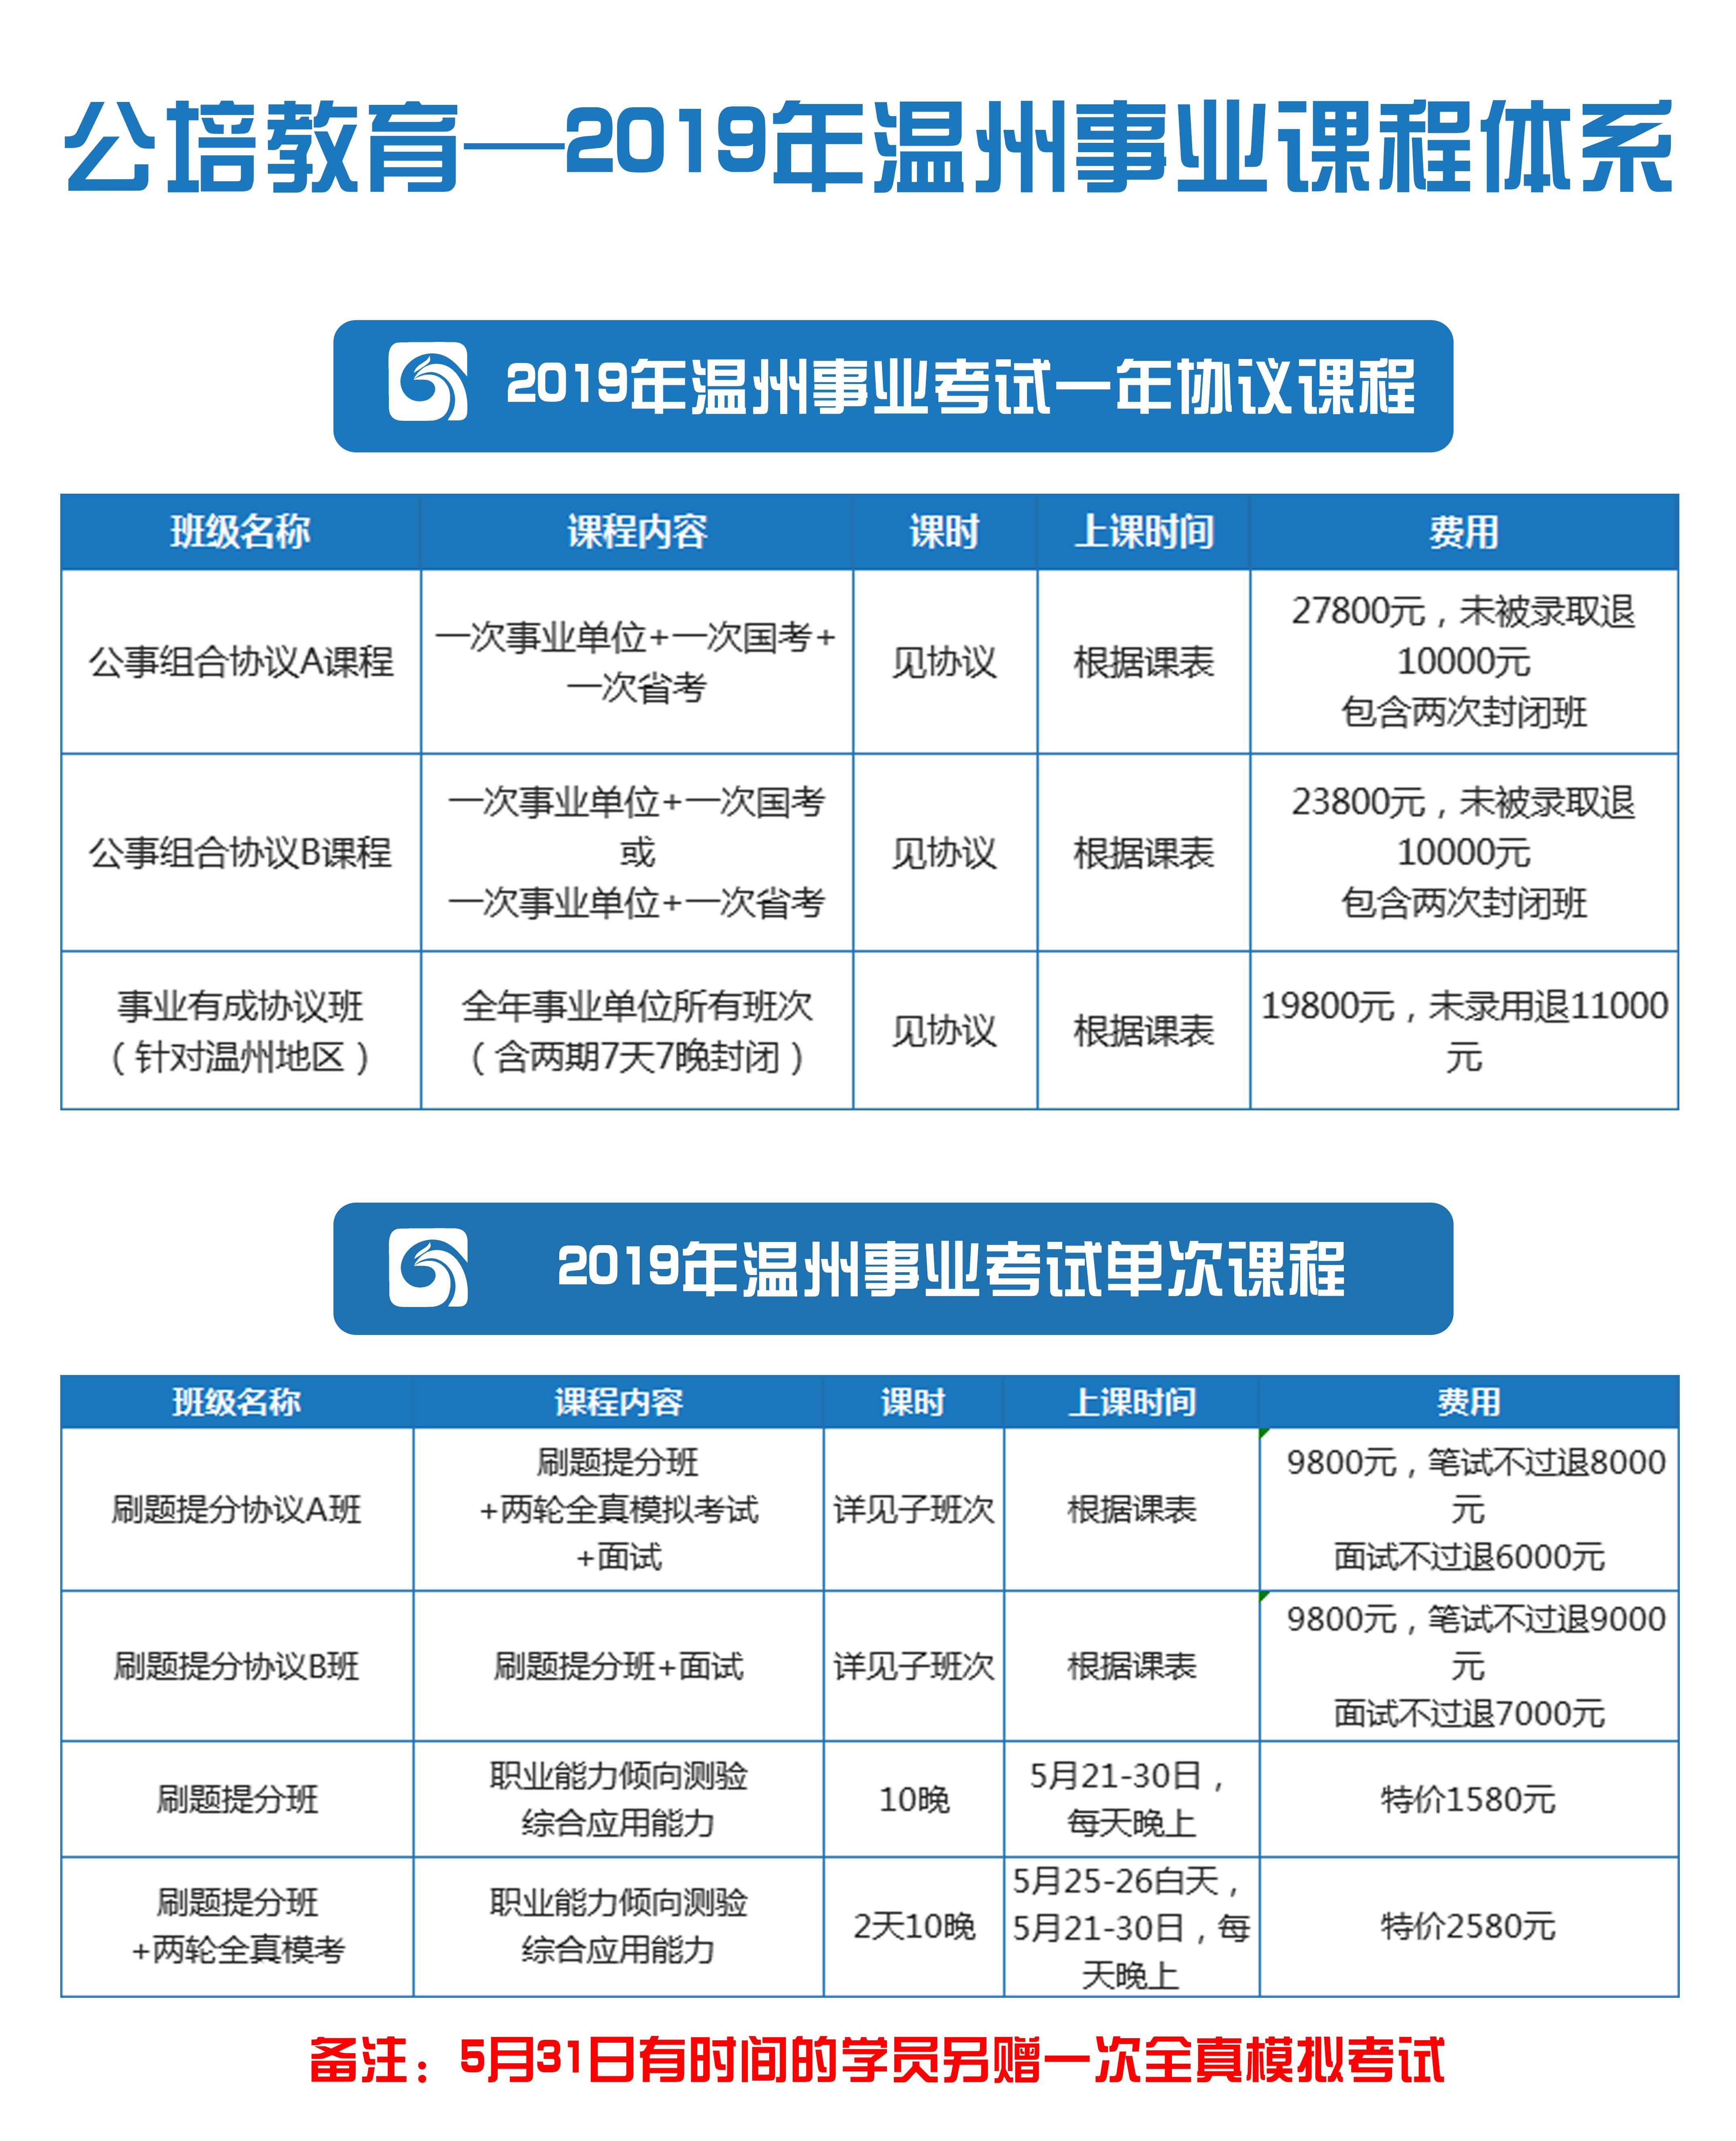 温州公务员考试|温州事业单位招聘|温州公培教育